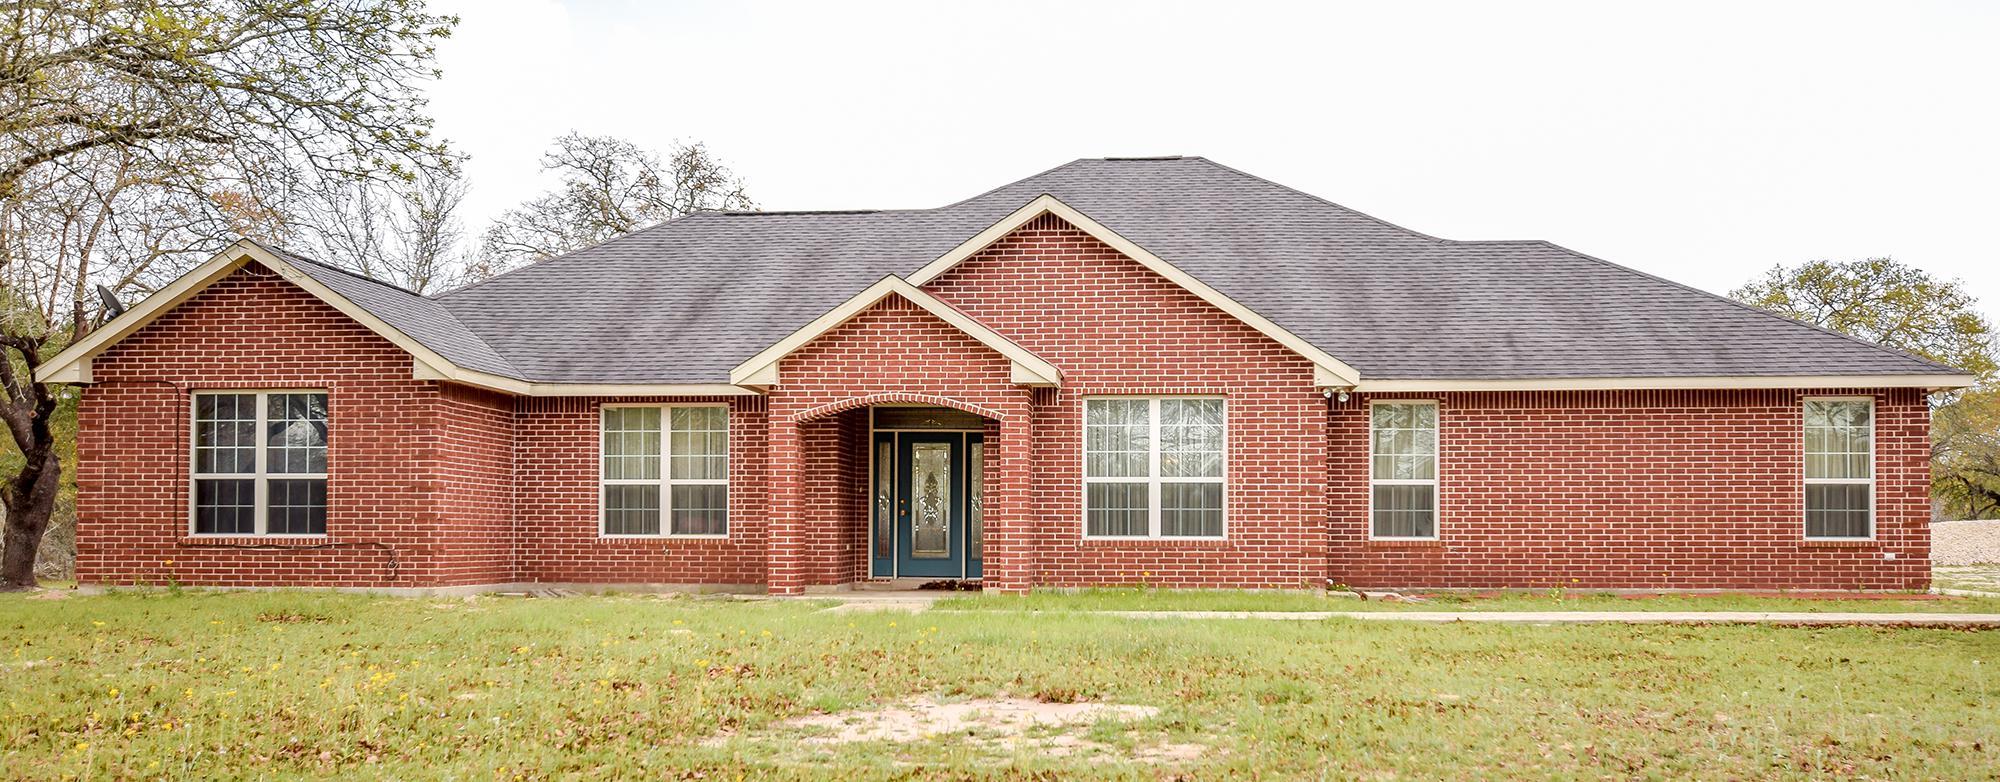 Image for 412 Cimarron Dr, Floresville, TX 78114